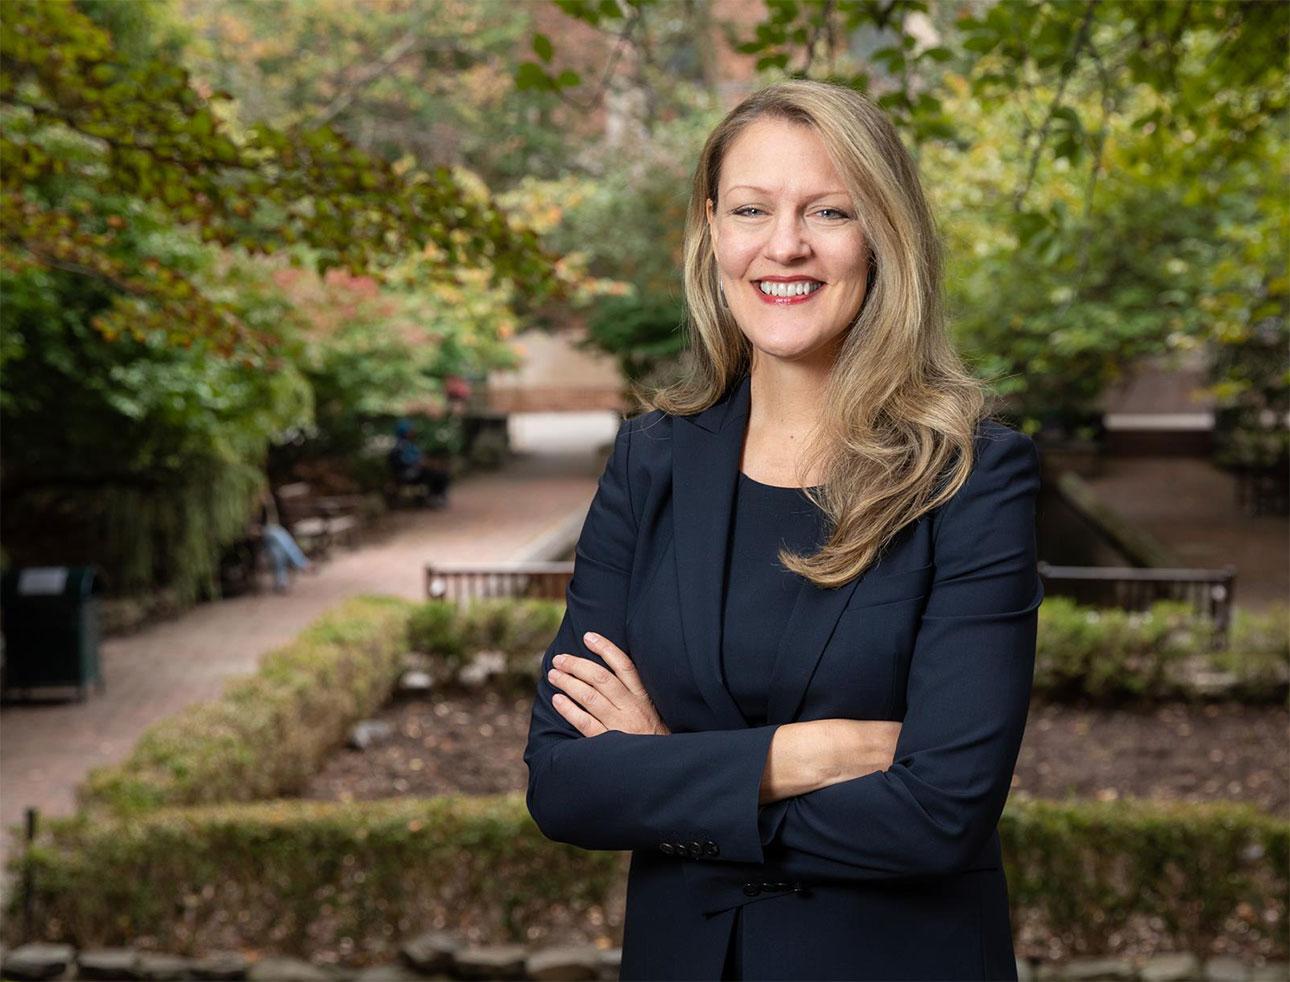 Michelle J. Anderson